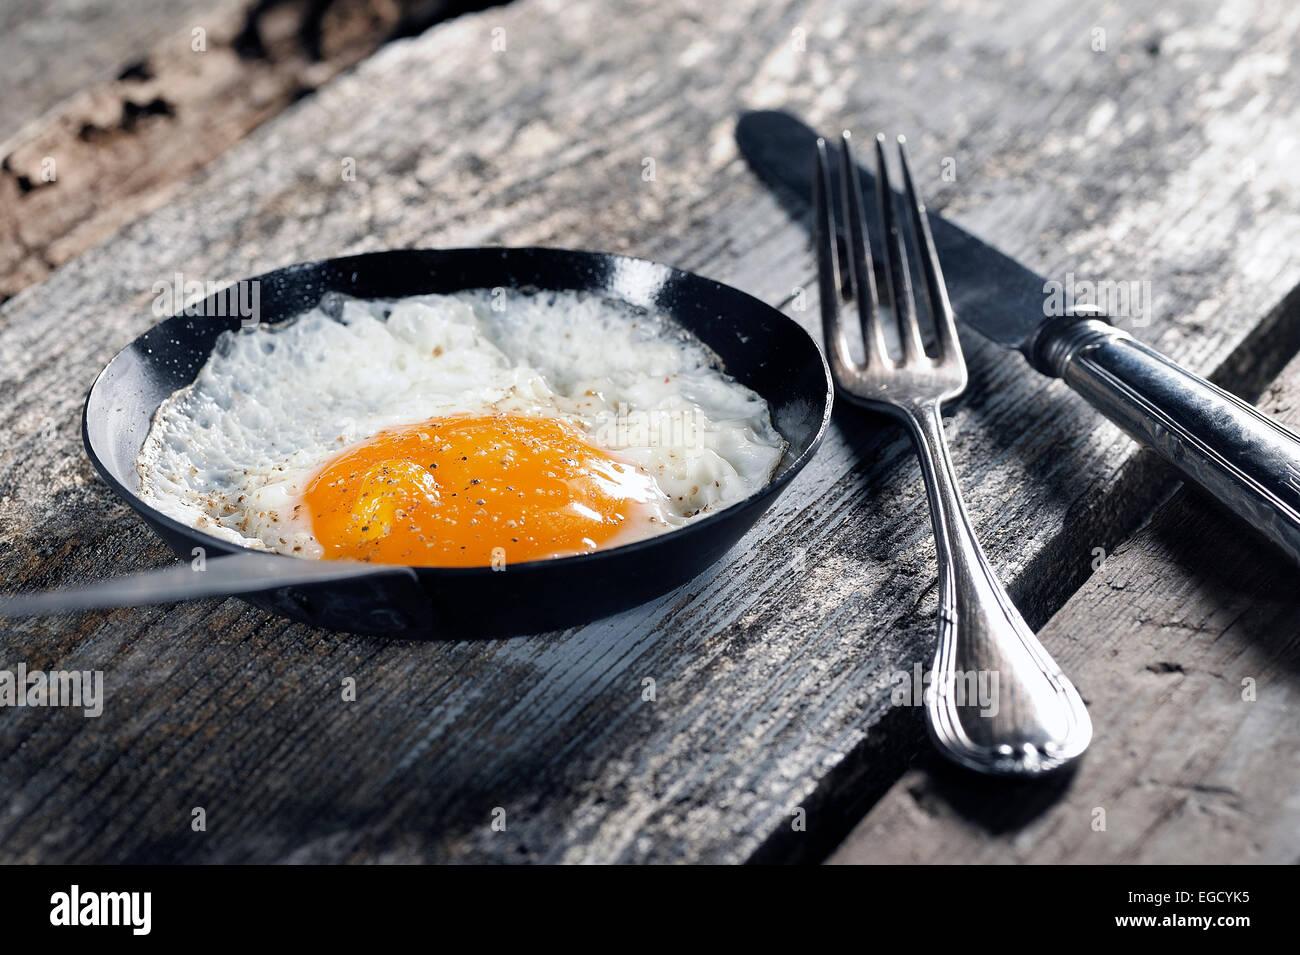 Huevo frito, frito en una sartén Imagen De Stock